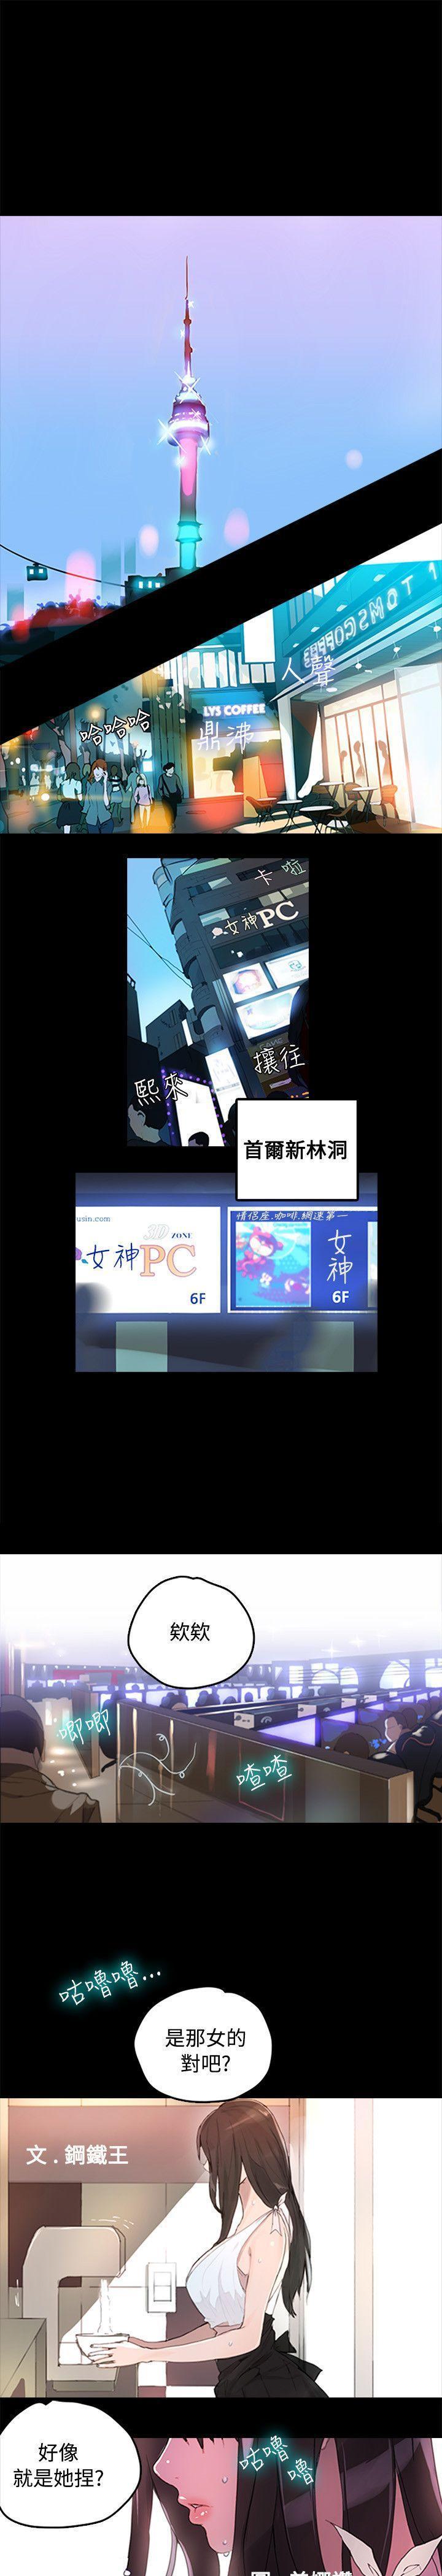 韩漫女神网咖土豪漫画